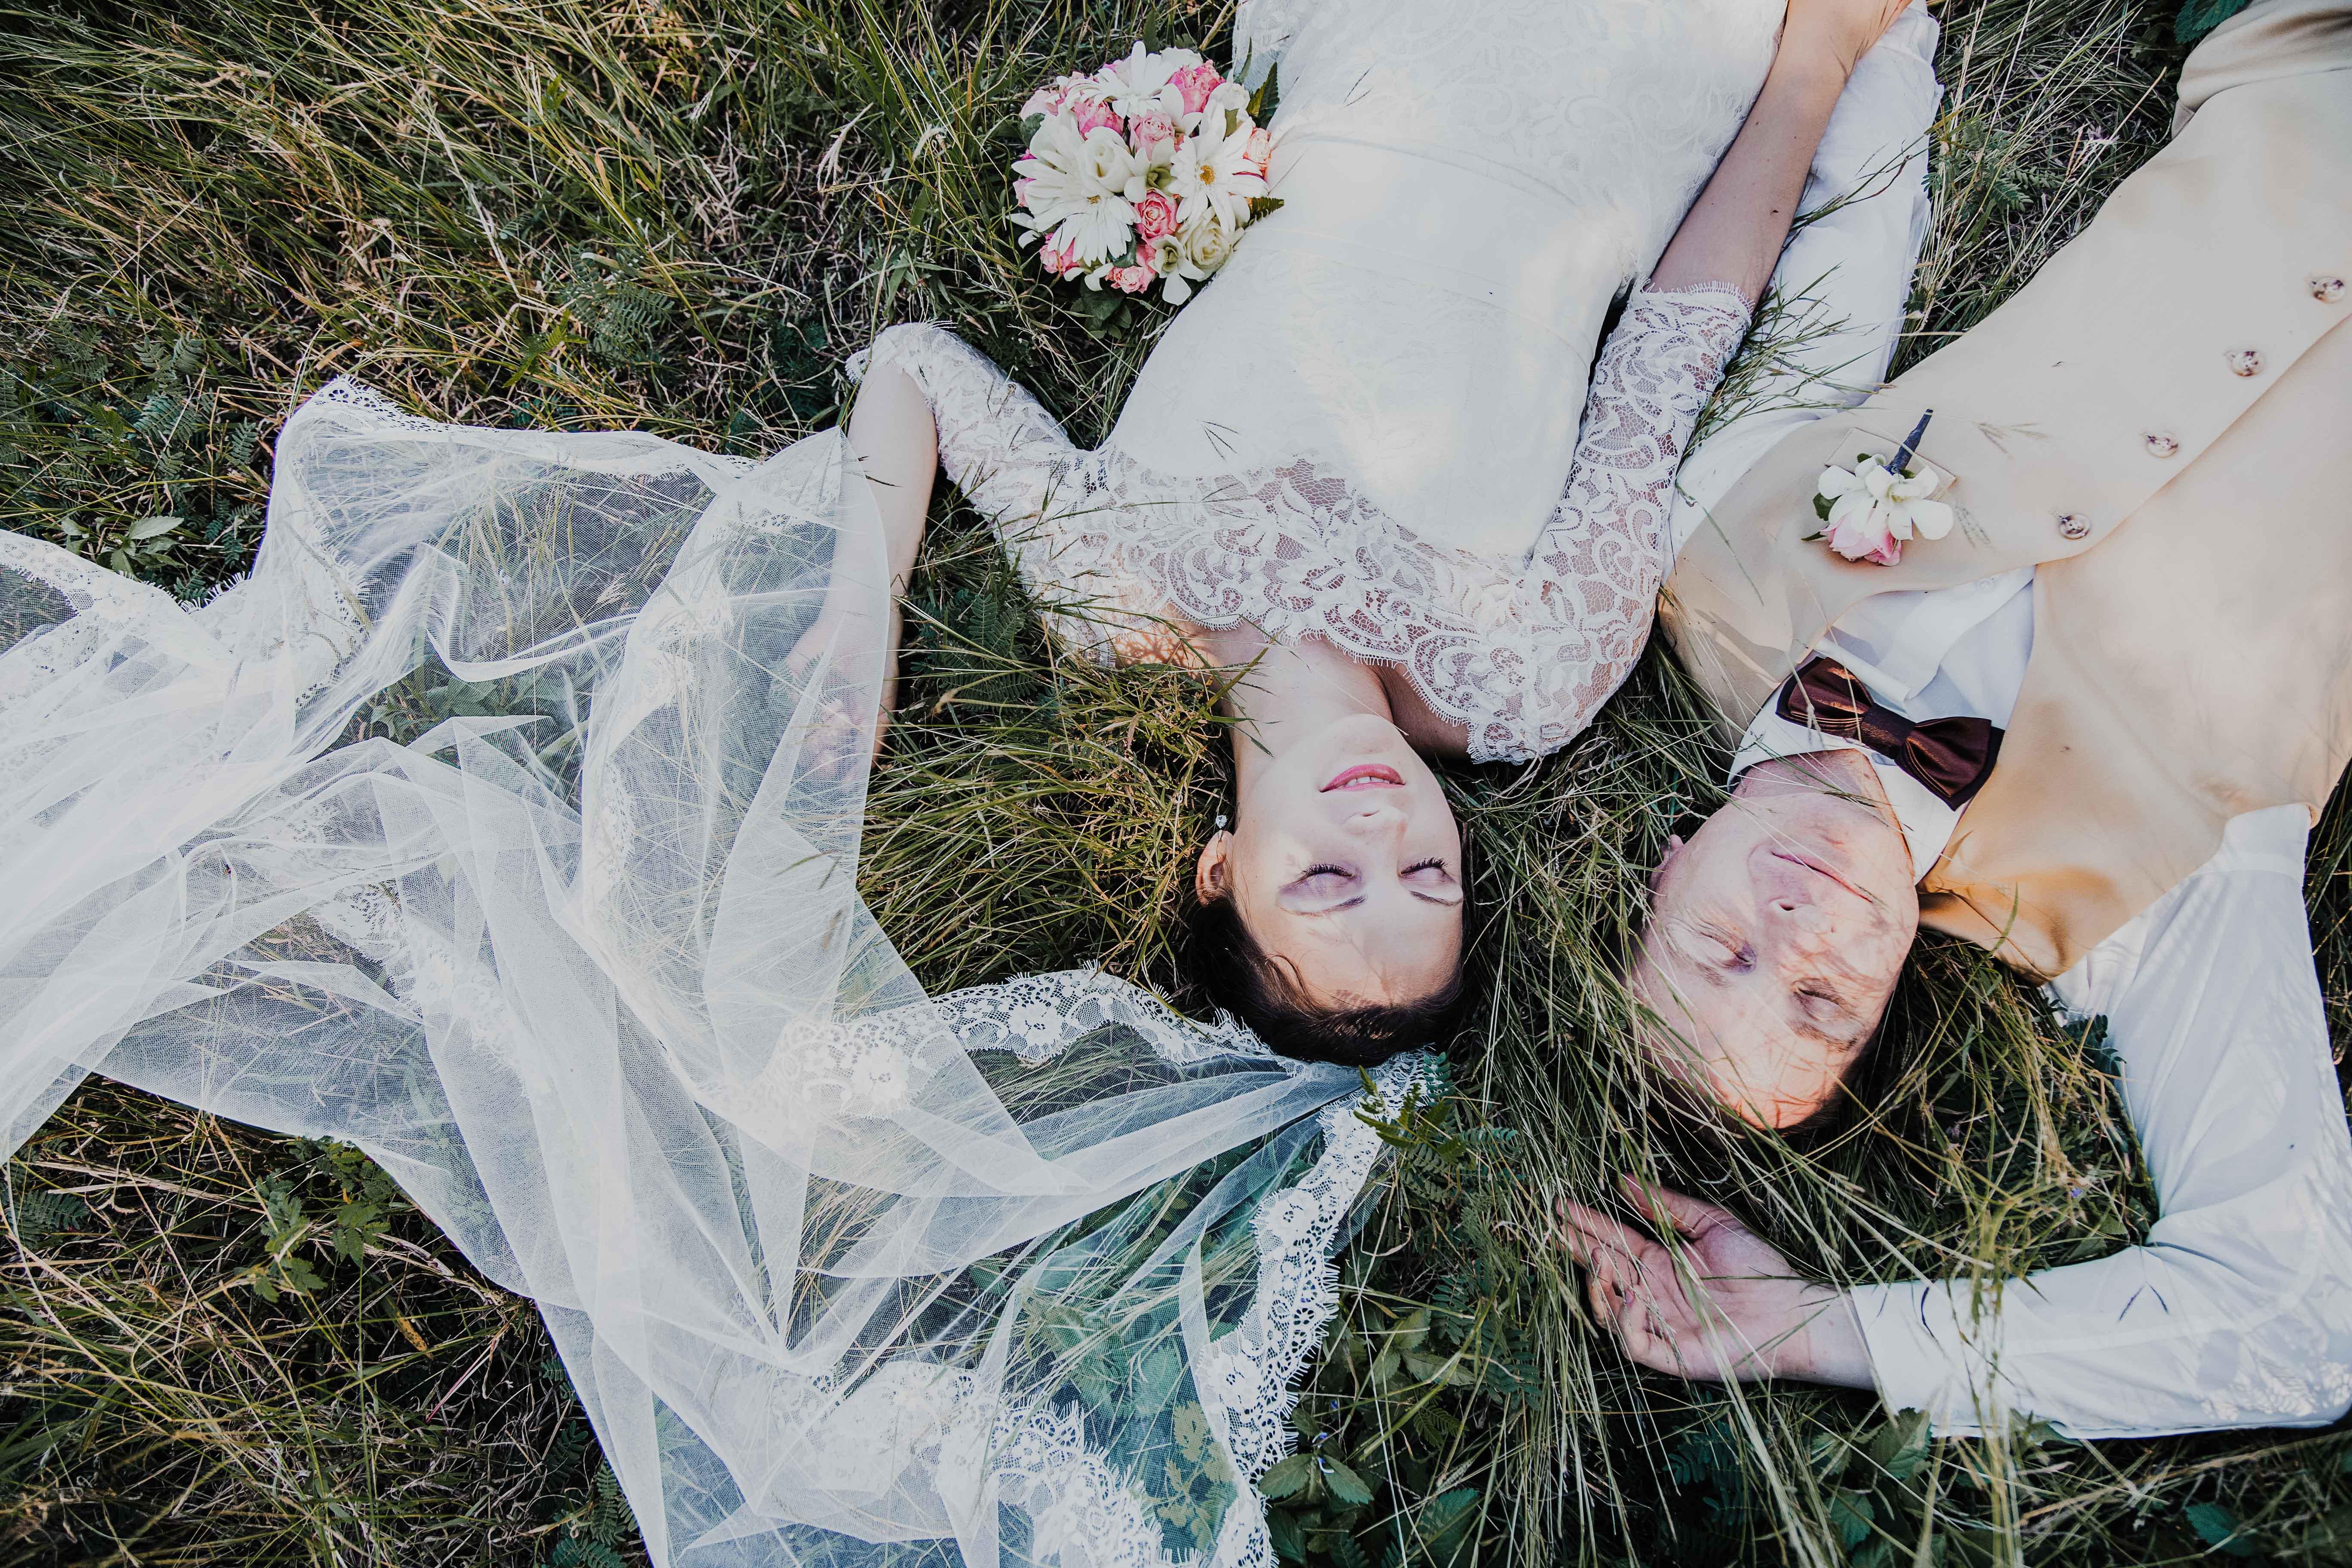 les mariés sont allongés dans les hautes herbes, les yeux fermés, mais dans la main. mariage champêtre et romantique